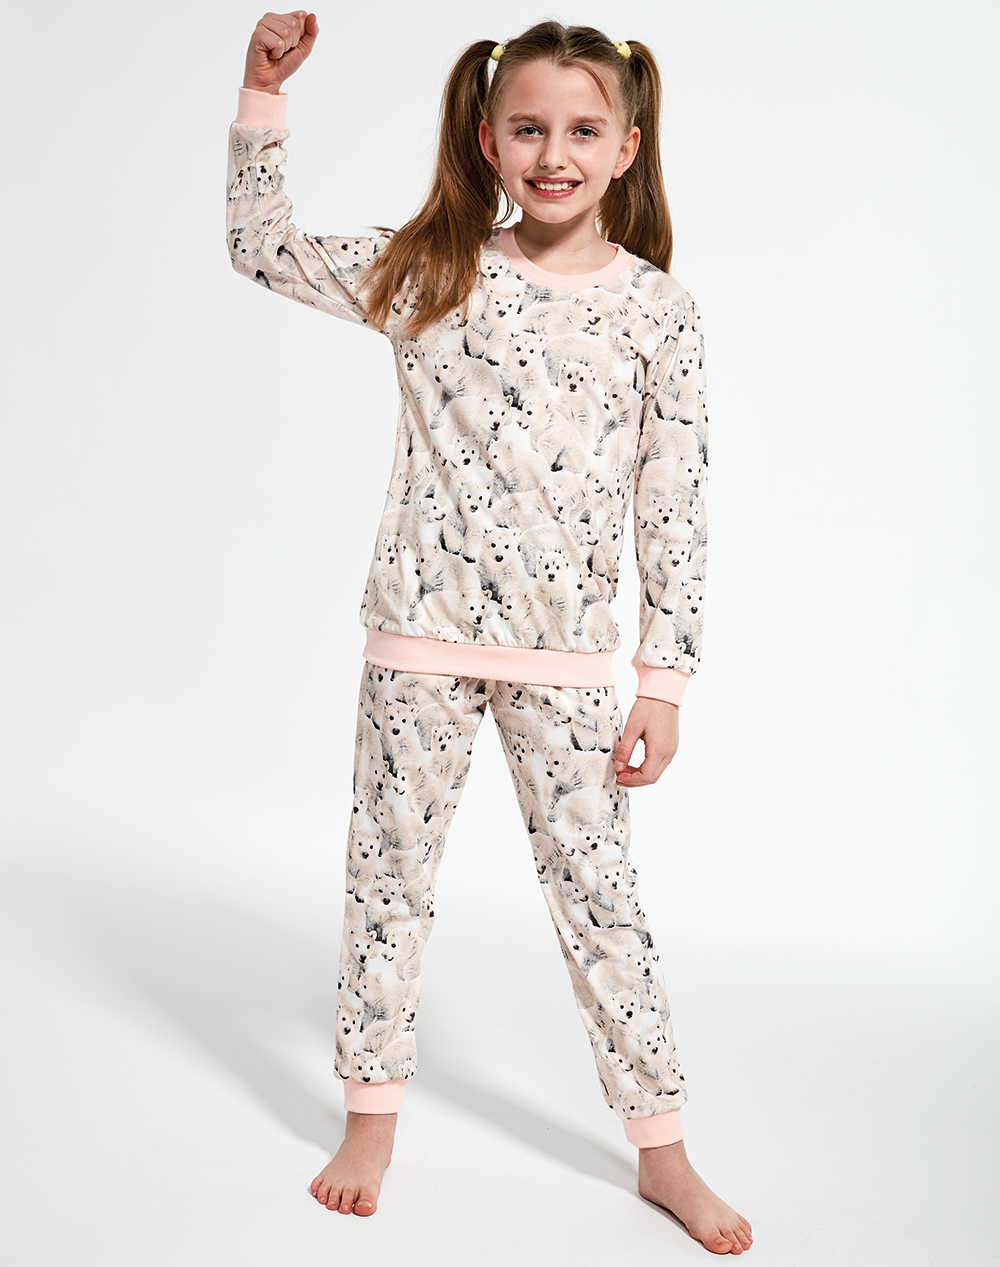 aa9c4f5f5f77a5 Piżama dziewczęca Cornette 032(3)/118 Polar bear beż. Piżama w misie  polarne. nowość. Piżama w misie polarne; Piżama w misie polarne ...